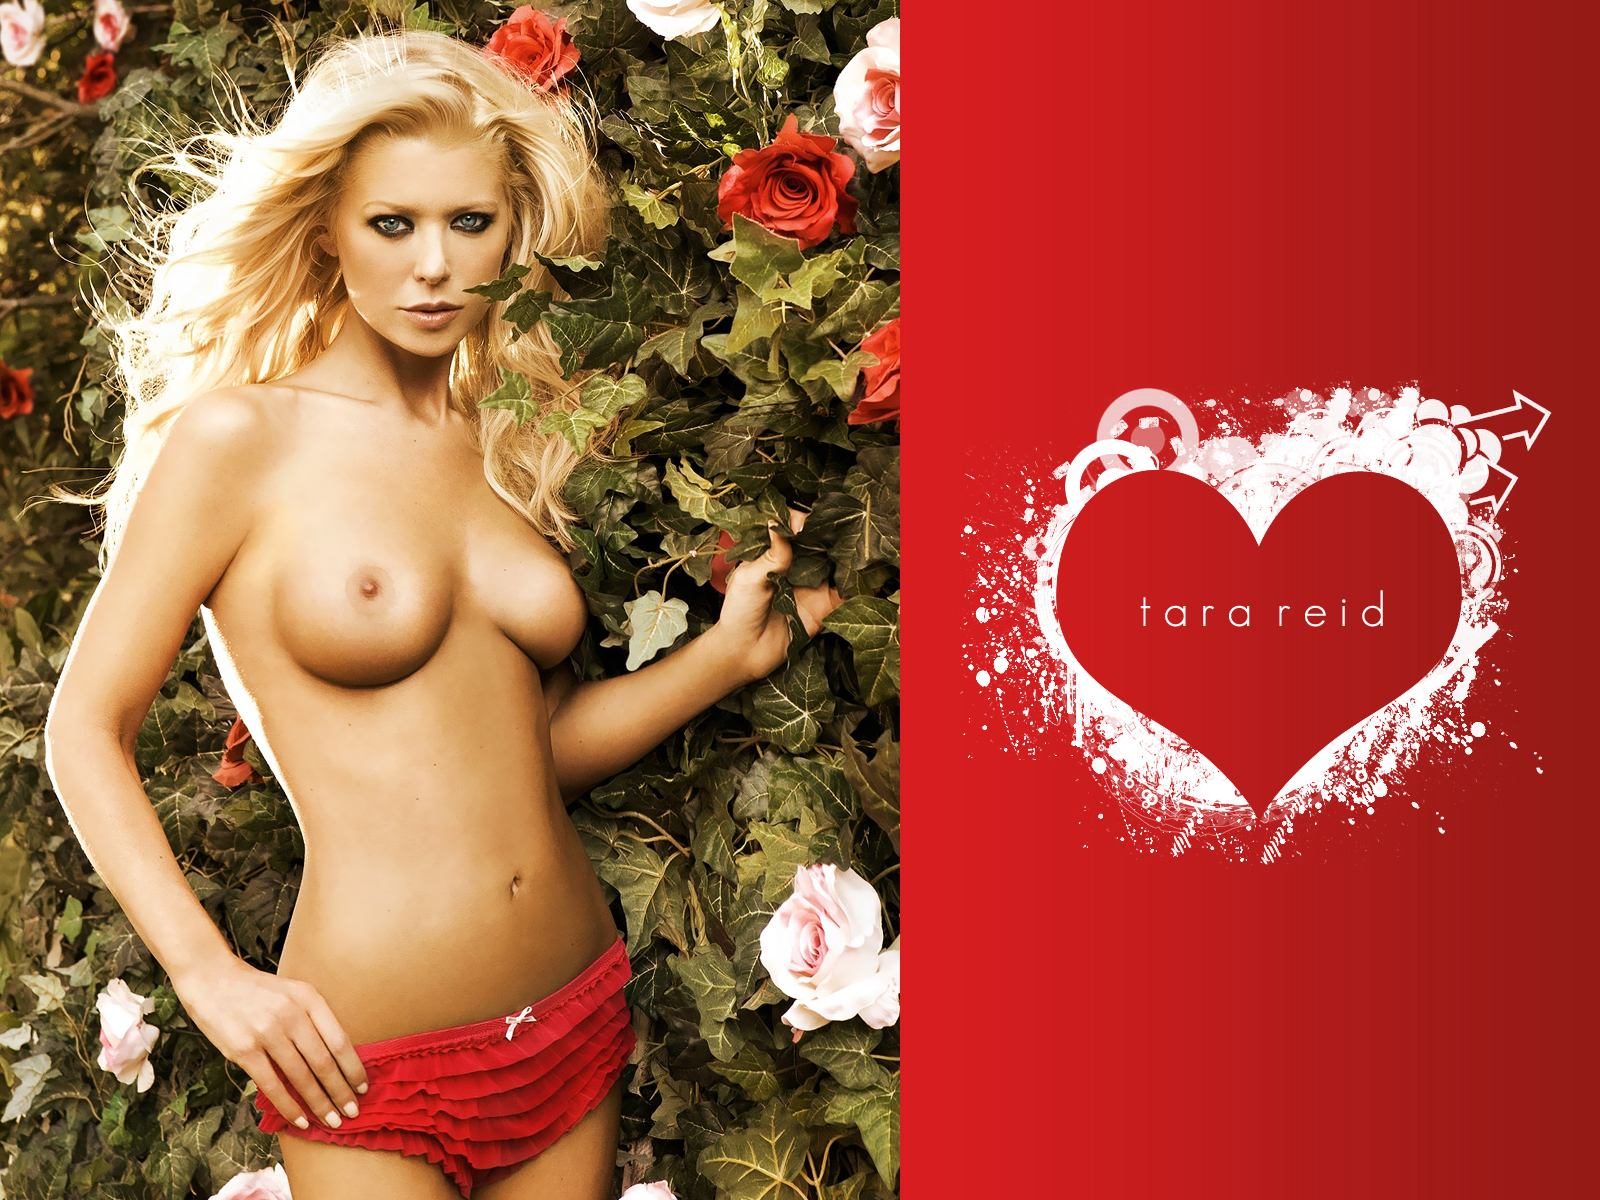 Big breasted tara reid hot romantic sex porn pics sex images